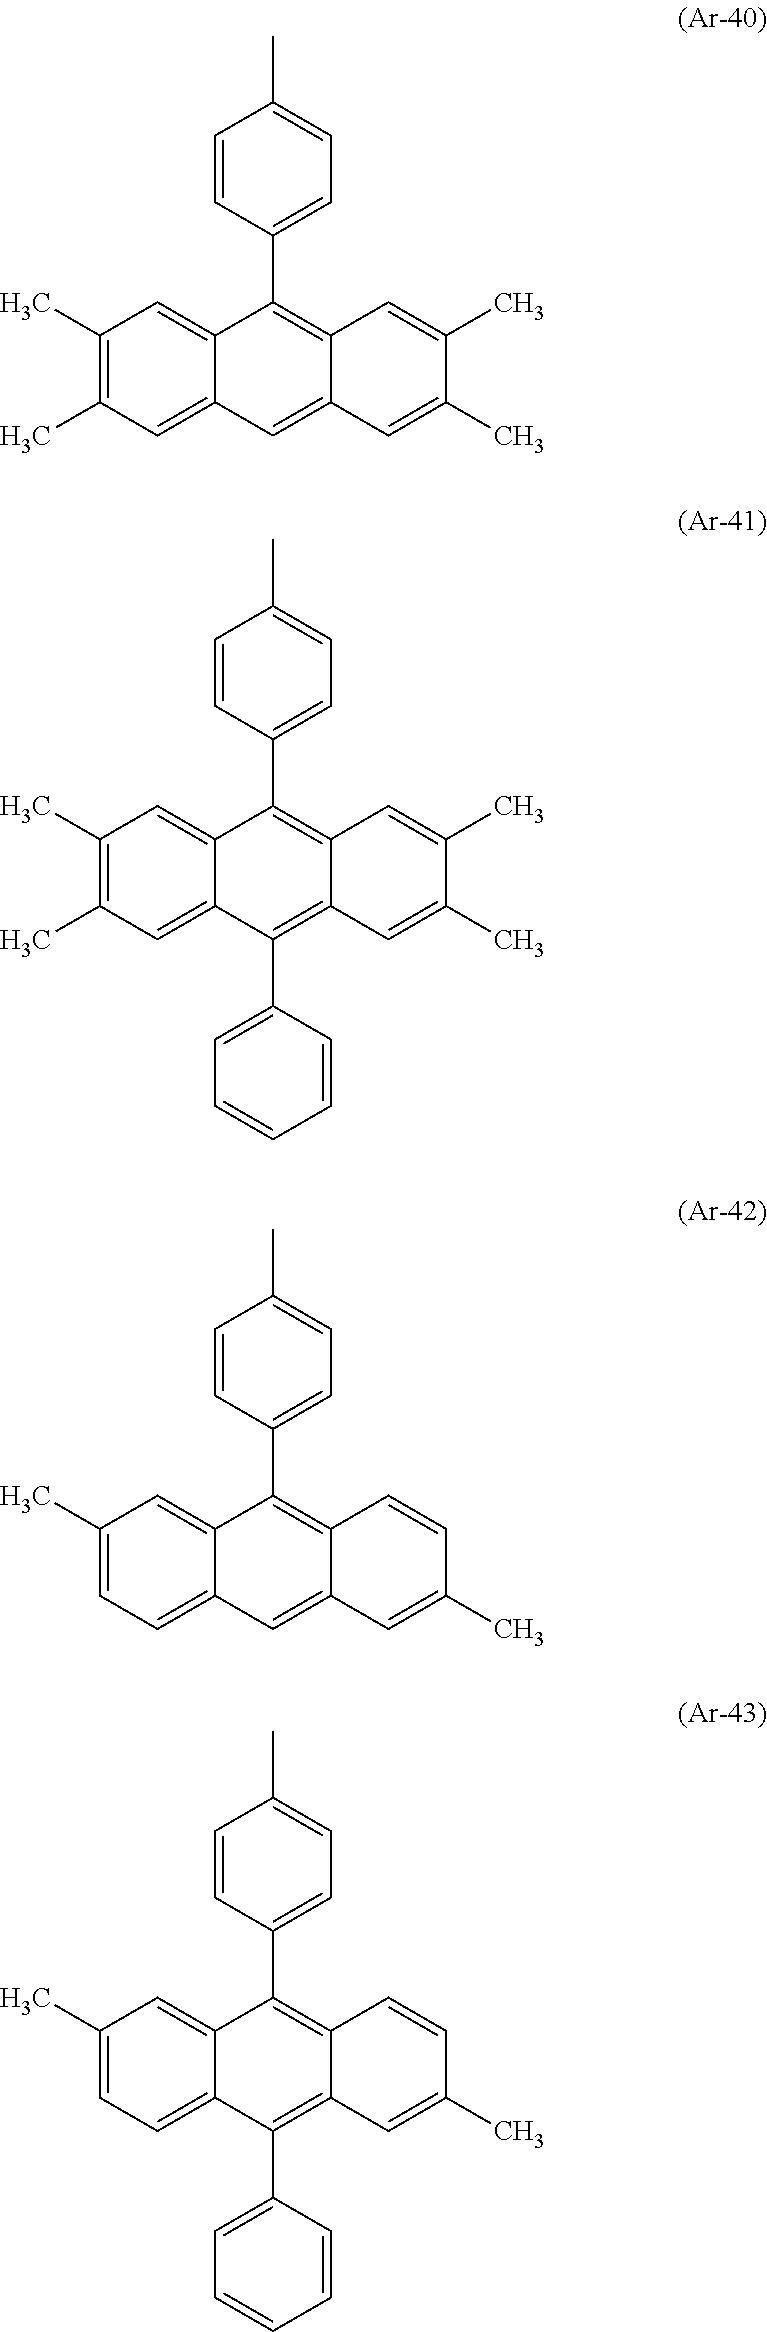 Figure US09240558-20160119-C00026